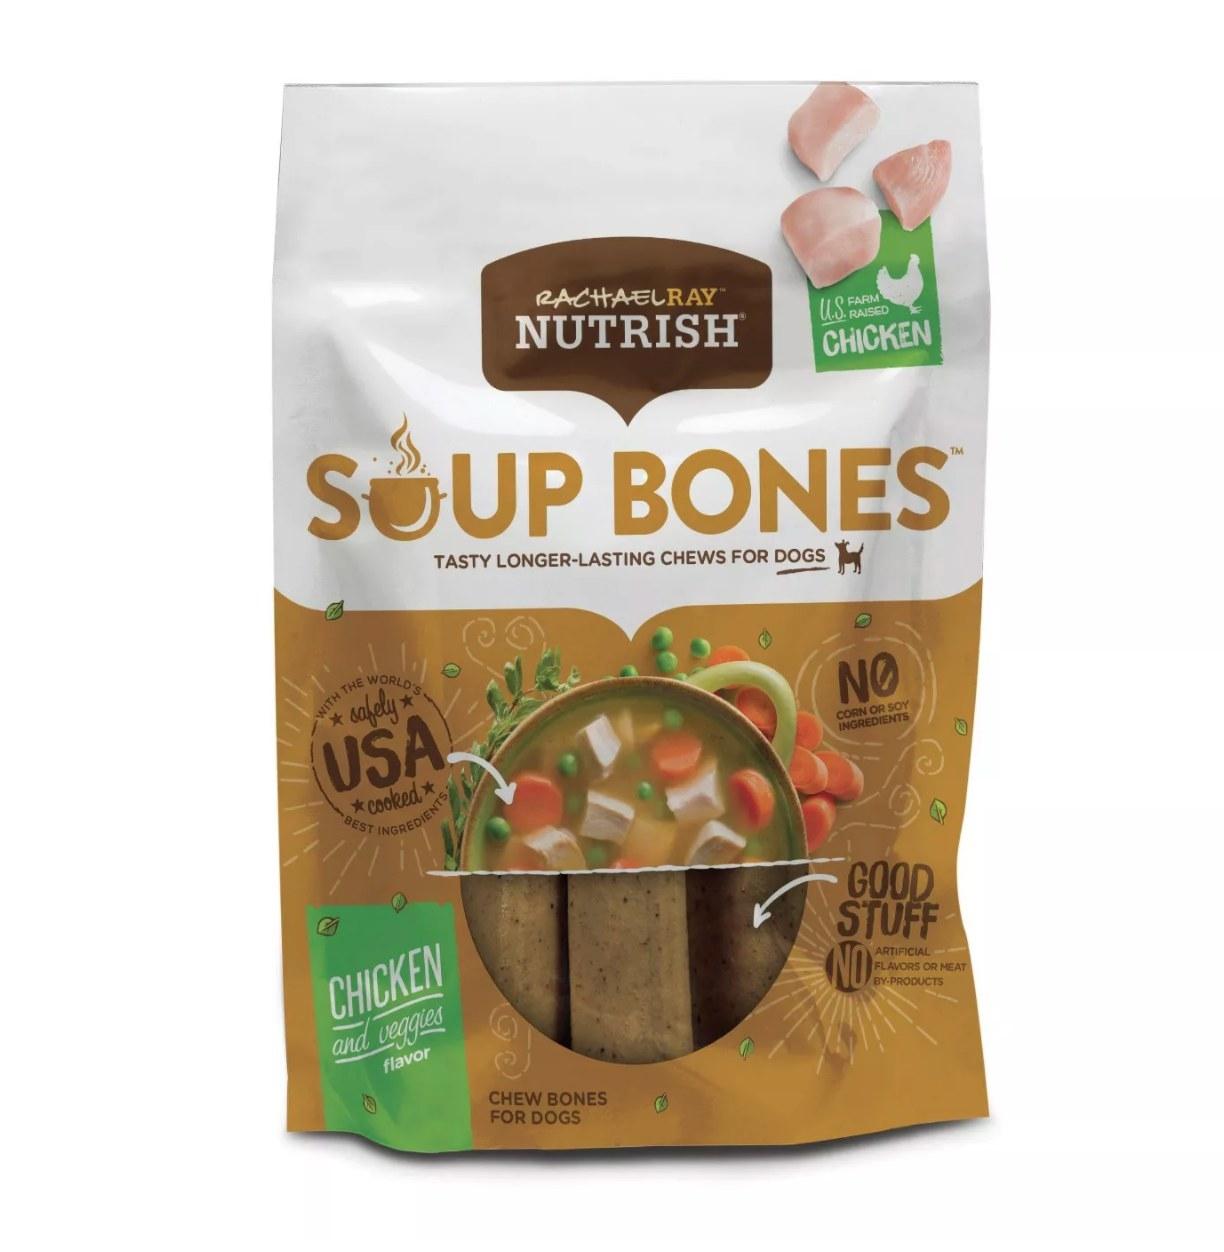 Bag of chicken and veggie flavor soup bones